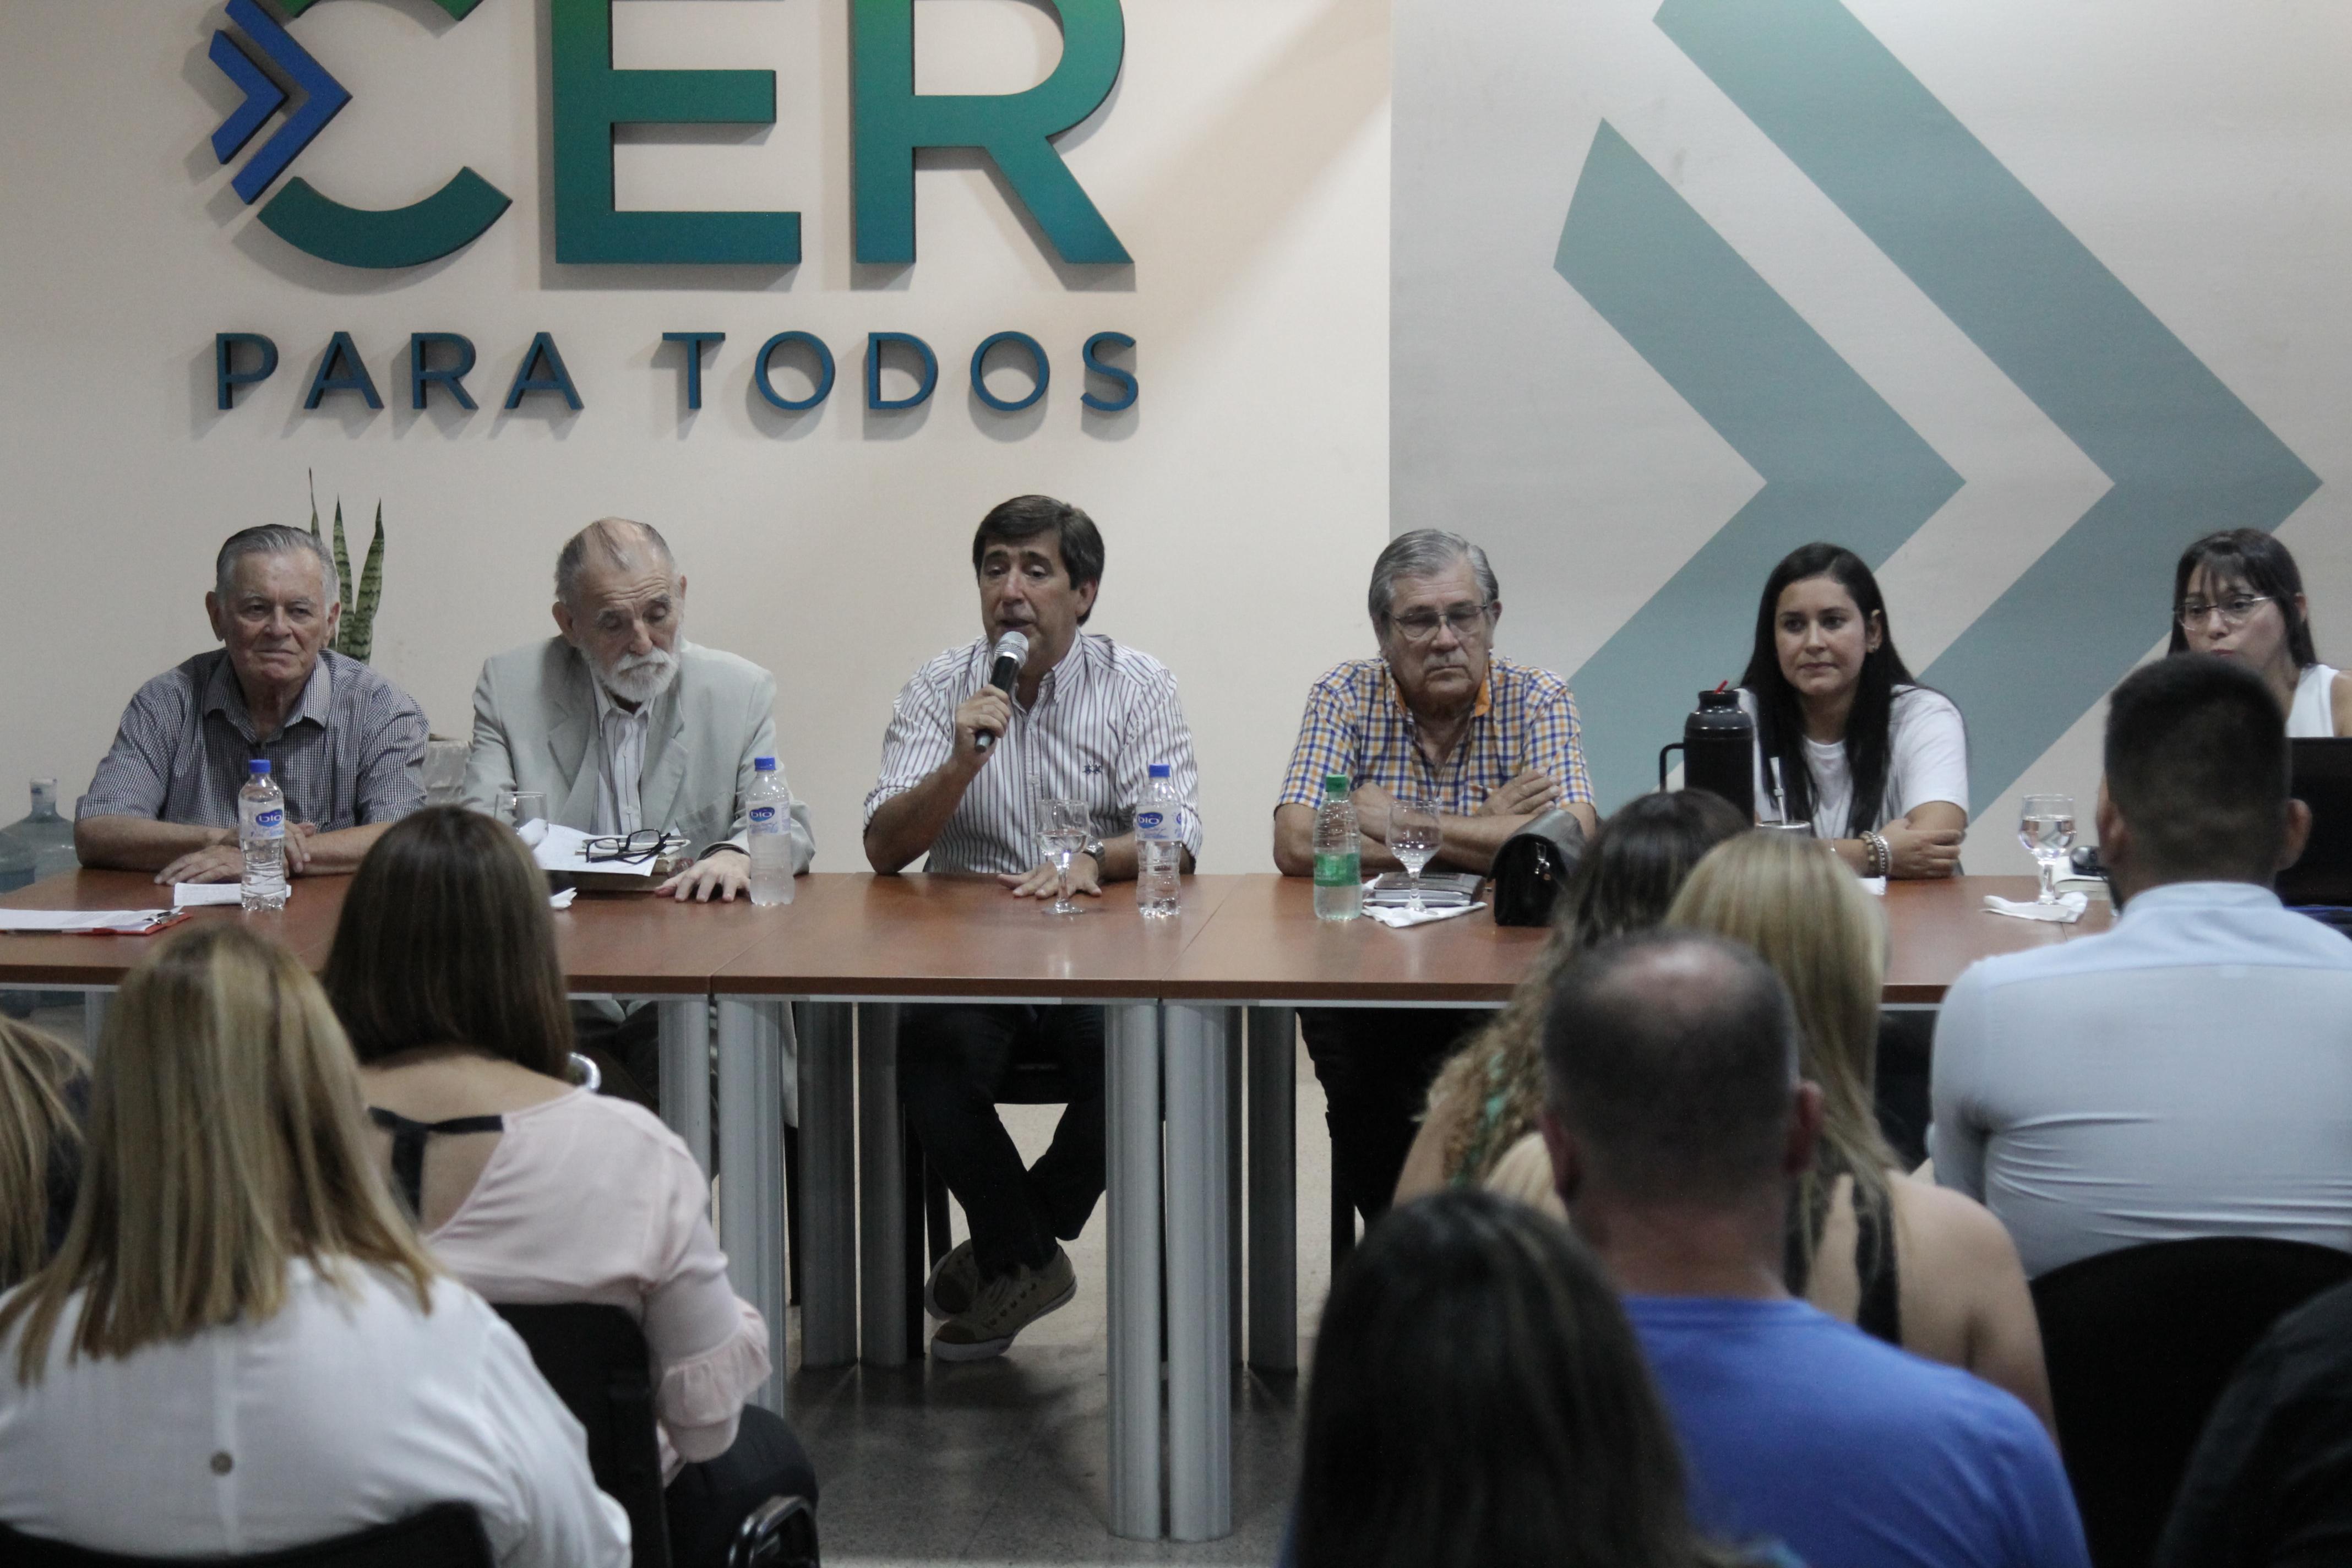 Gustavo Martinez instó a mantener viva la construcción política popular heredada de Perón